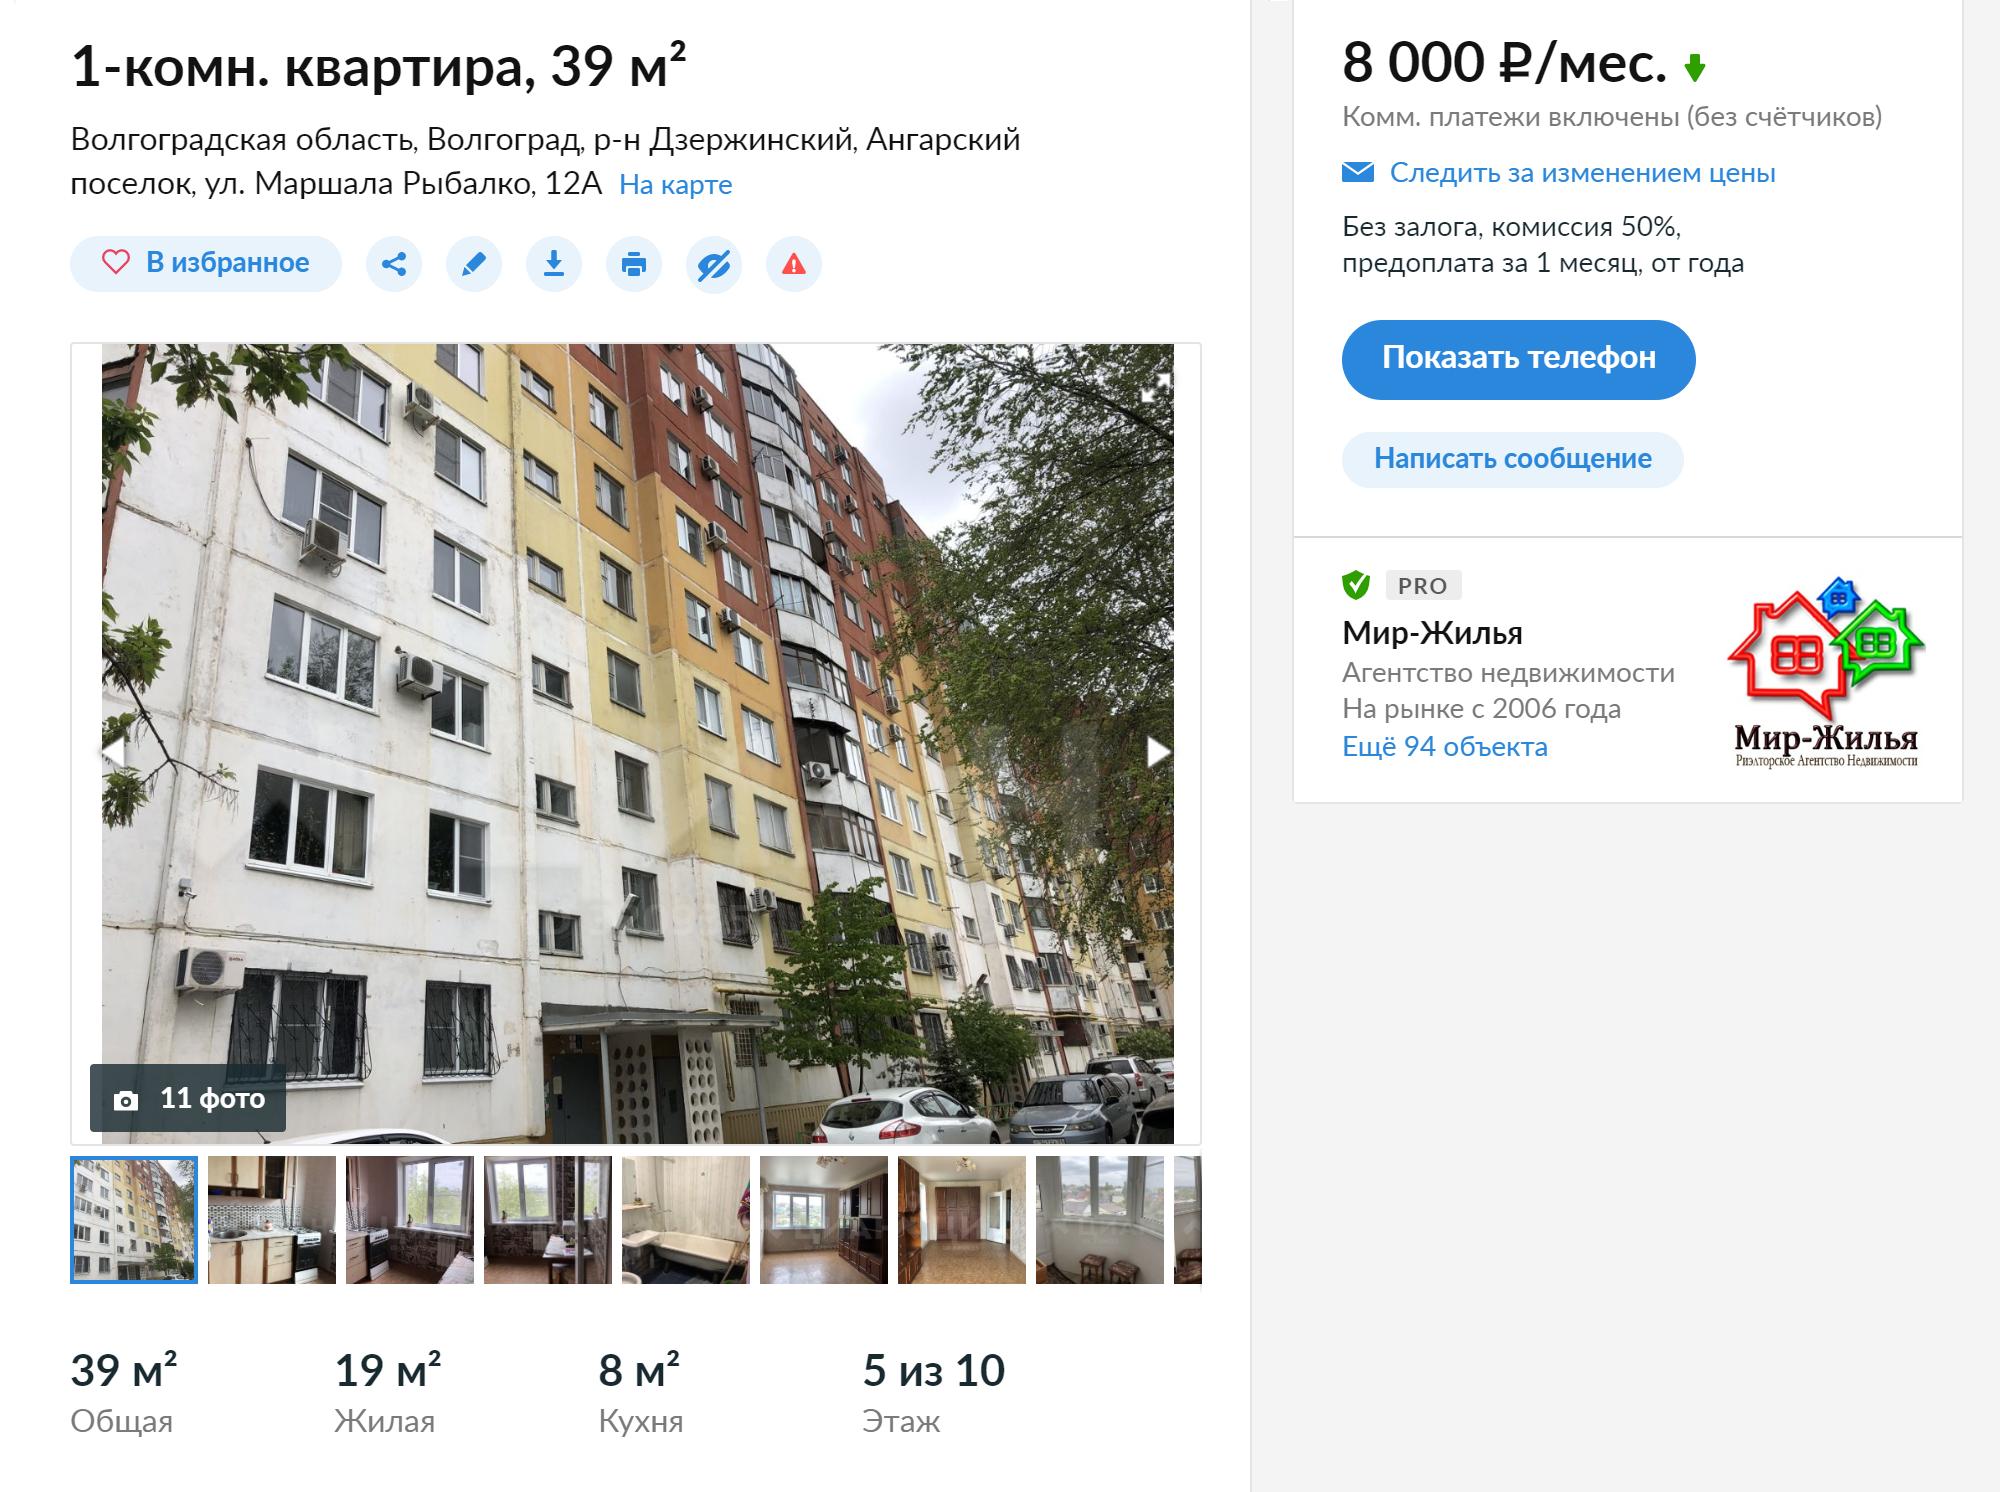 Однушка за 8 тысяч без учета коммунальных платежей в Дзержинском районе. В этом доме я в 2015—2016 годах снимала похожее жилье — все рядом